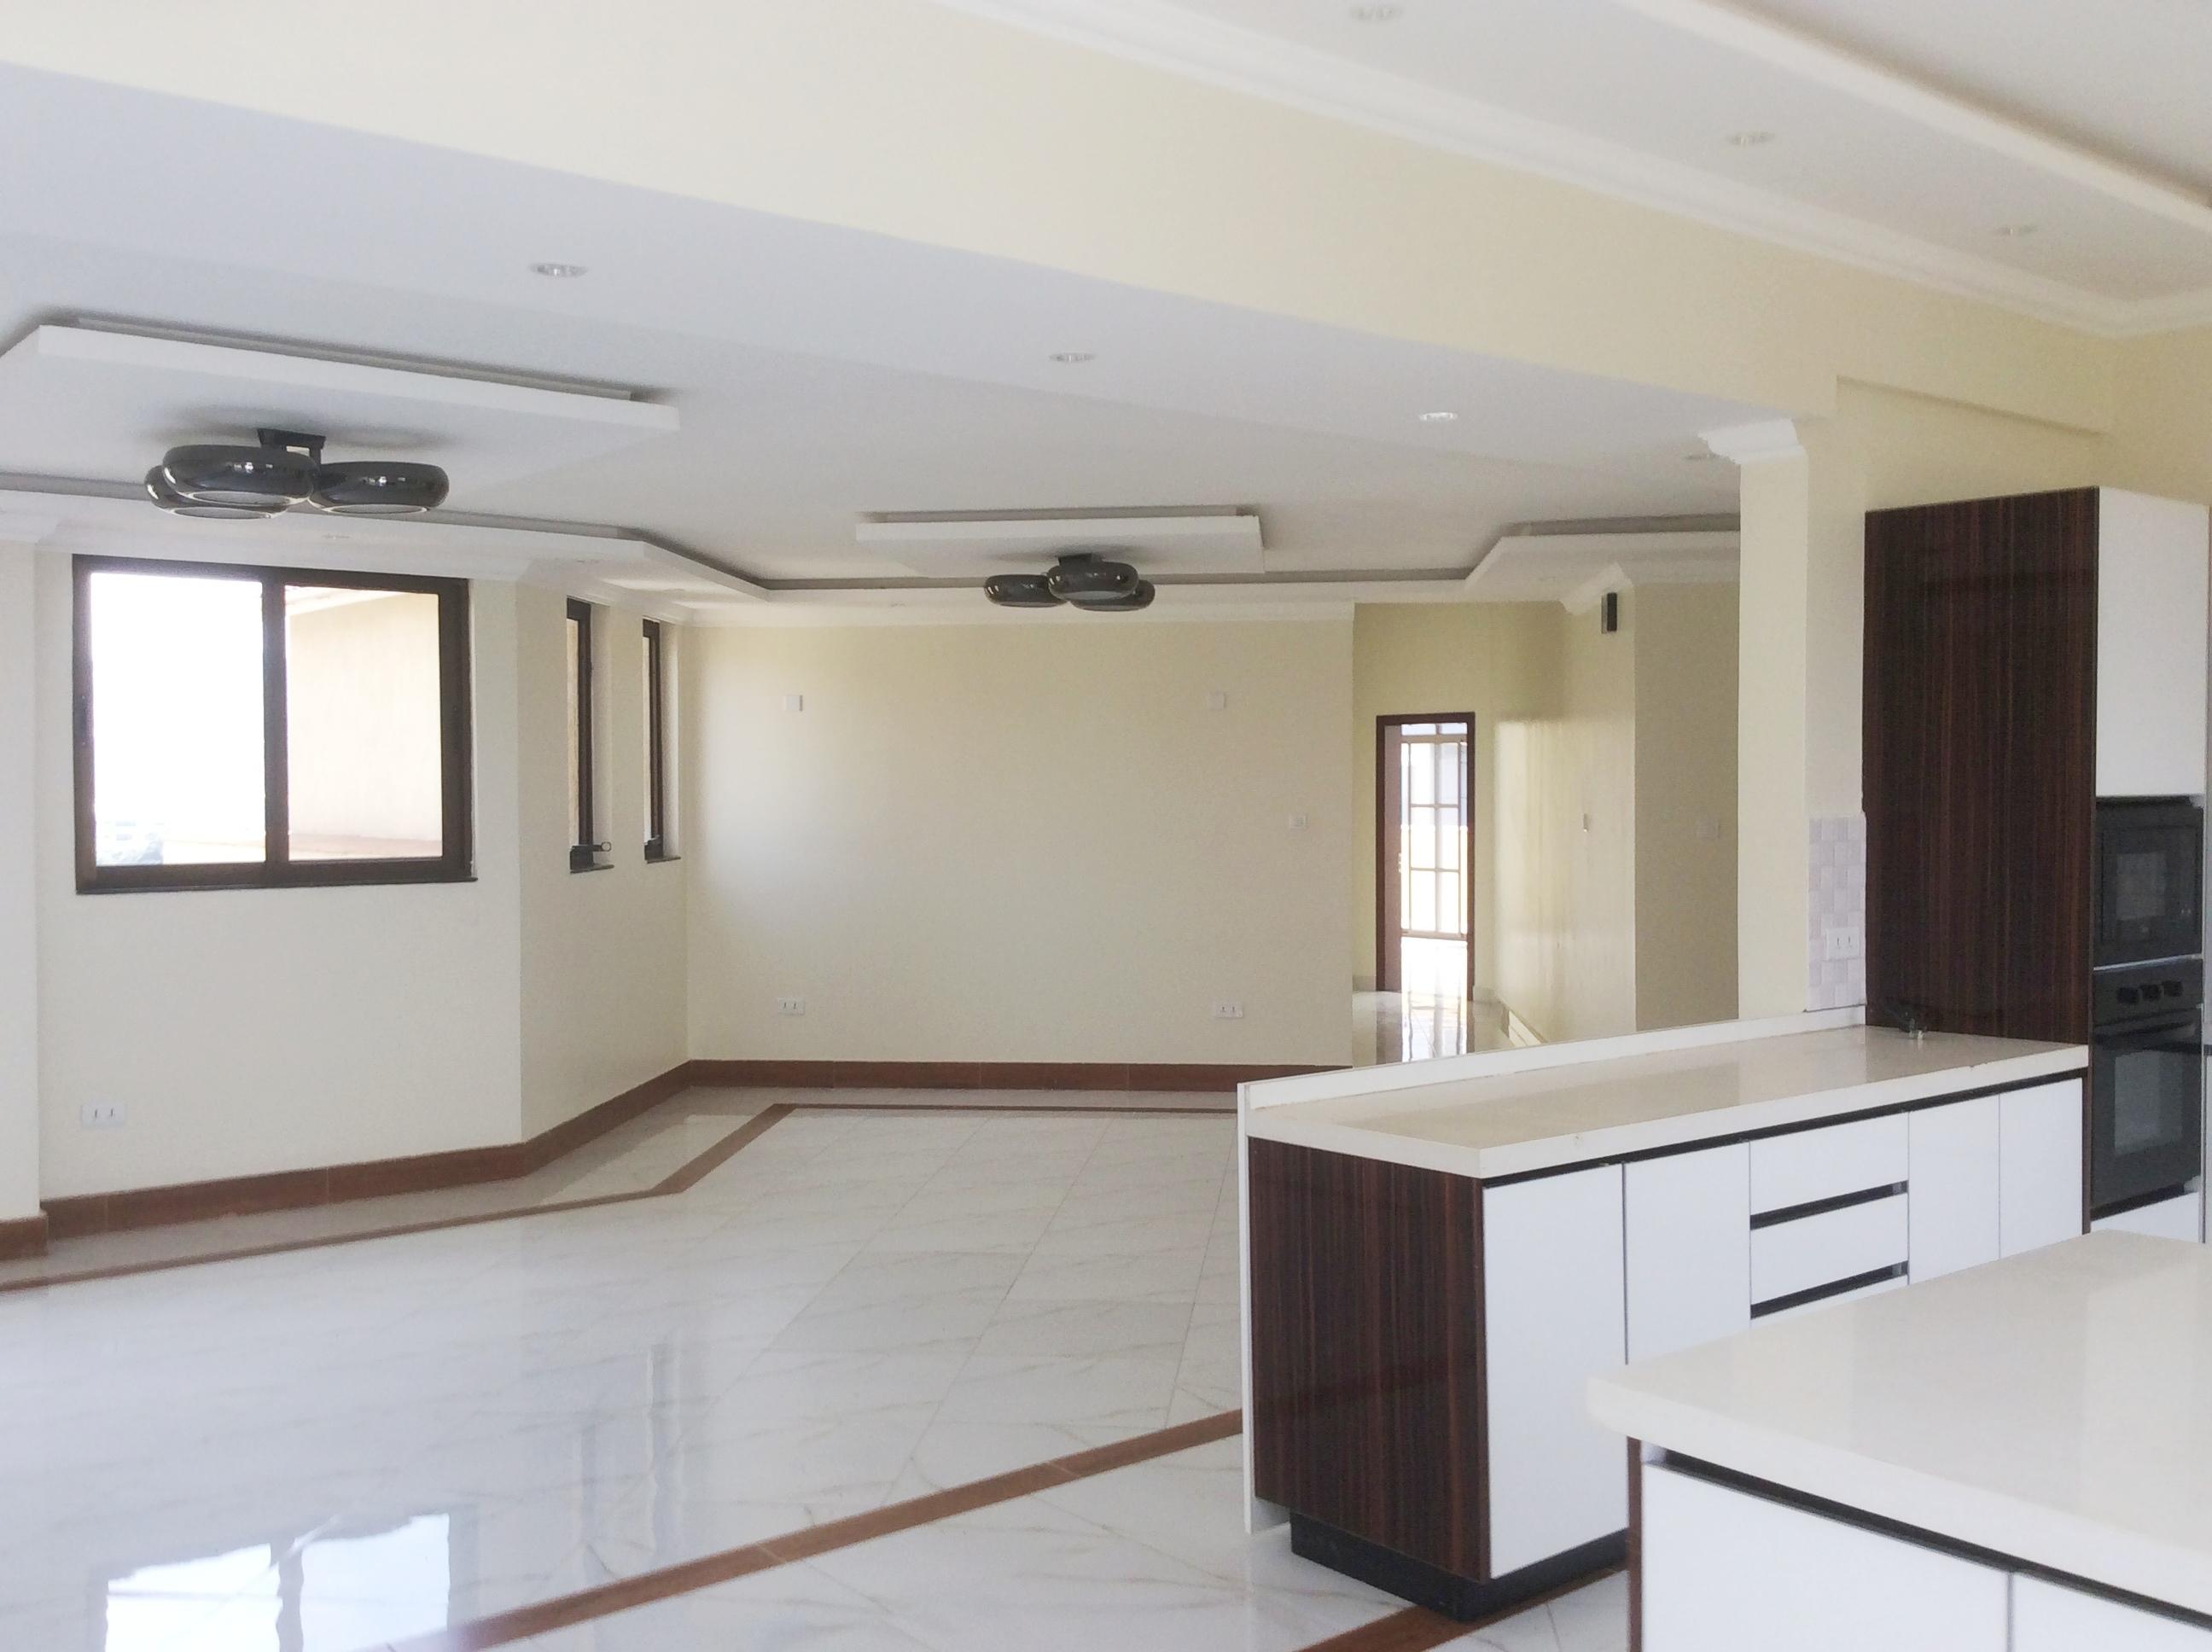 ... Unfurnished Apartments. IMG_7350; IMG_7395; IMG_7372; IMG_7376 ...